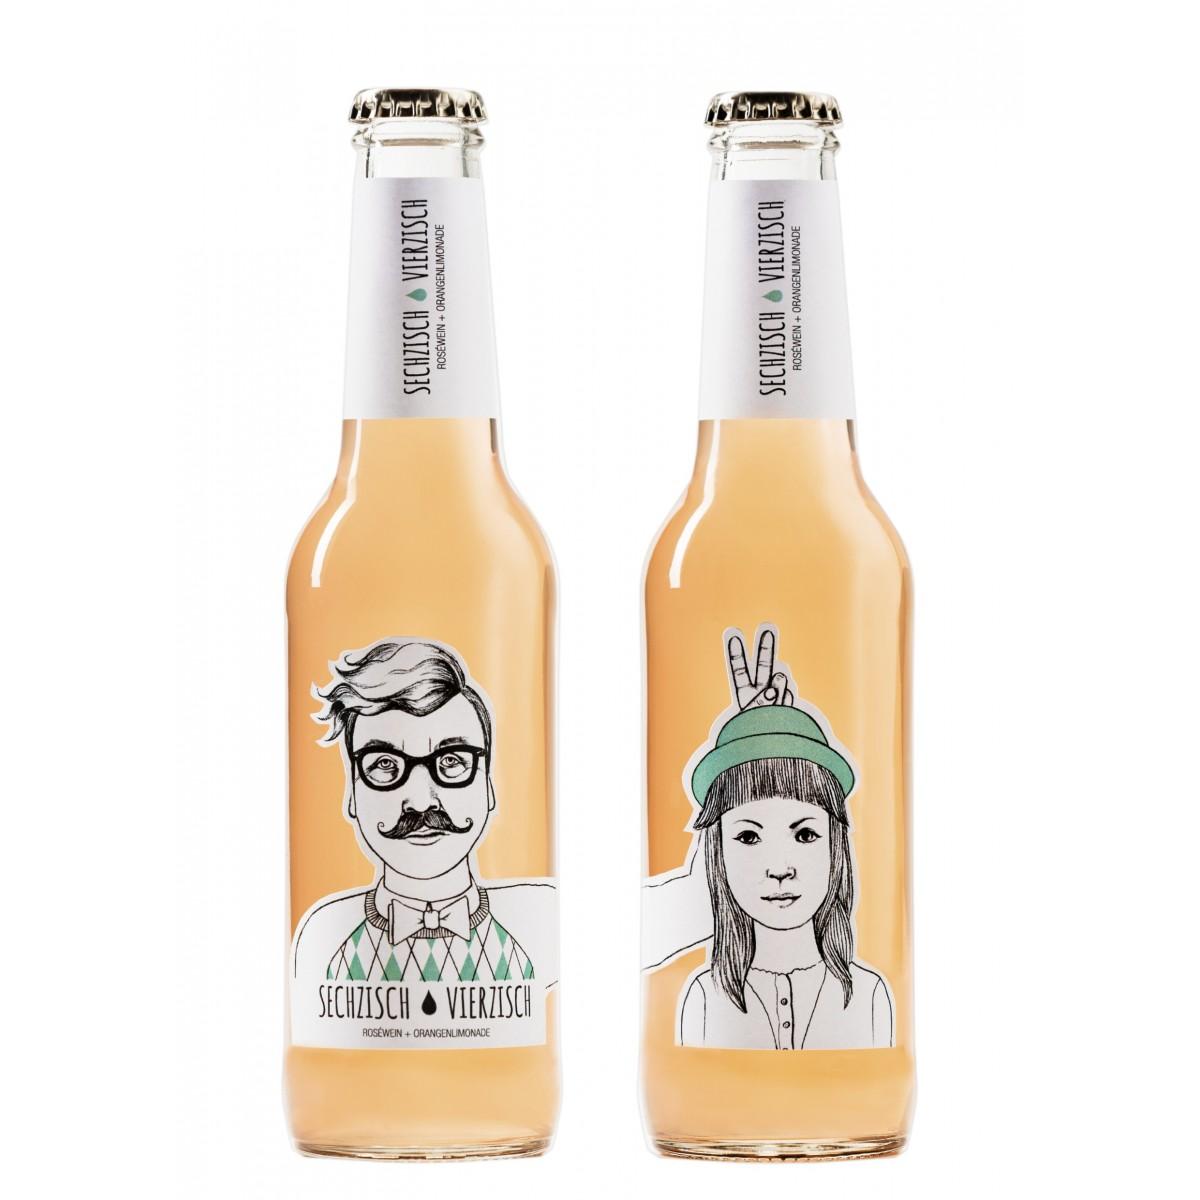 Sechzisch Vierzisch - Roséwein+Orangenlimonade 0,275ml / 6,4%vol(15er Kiste)